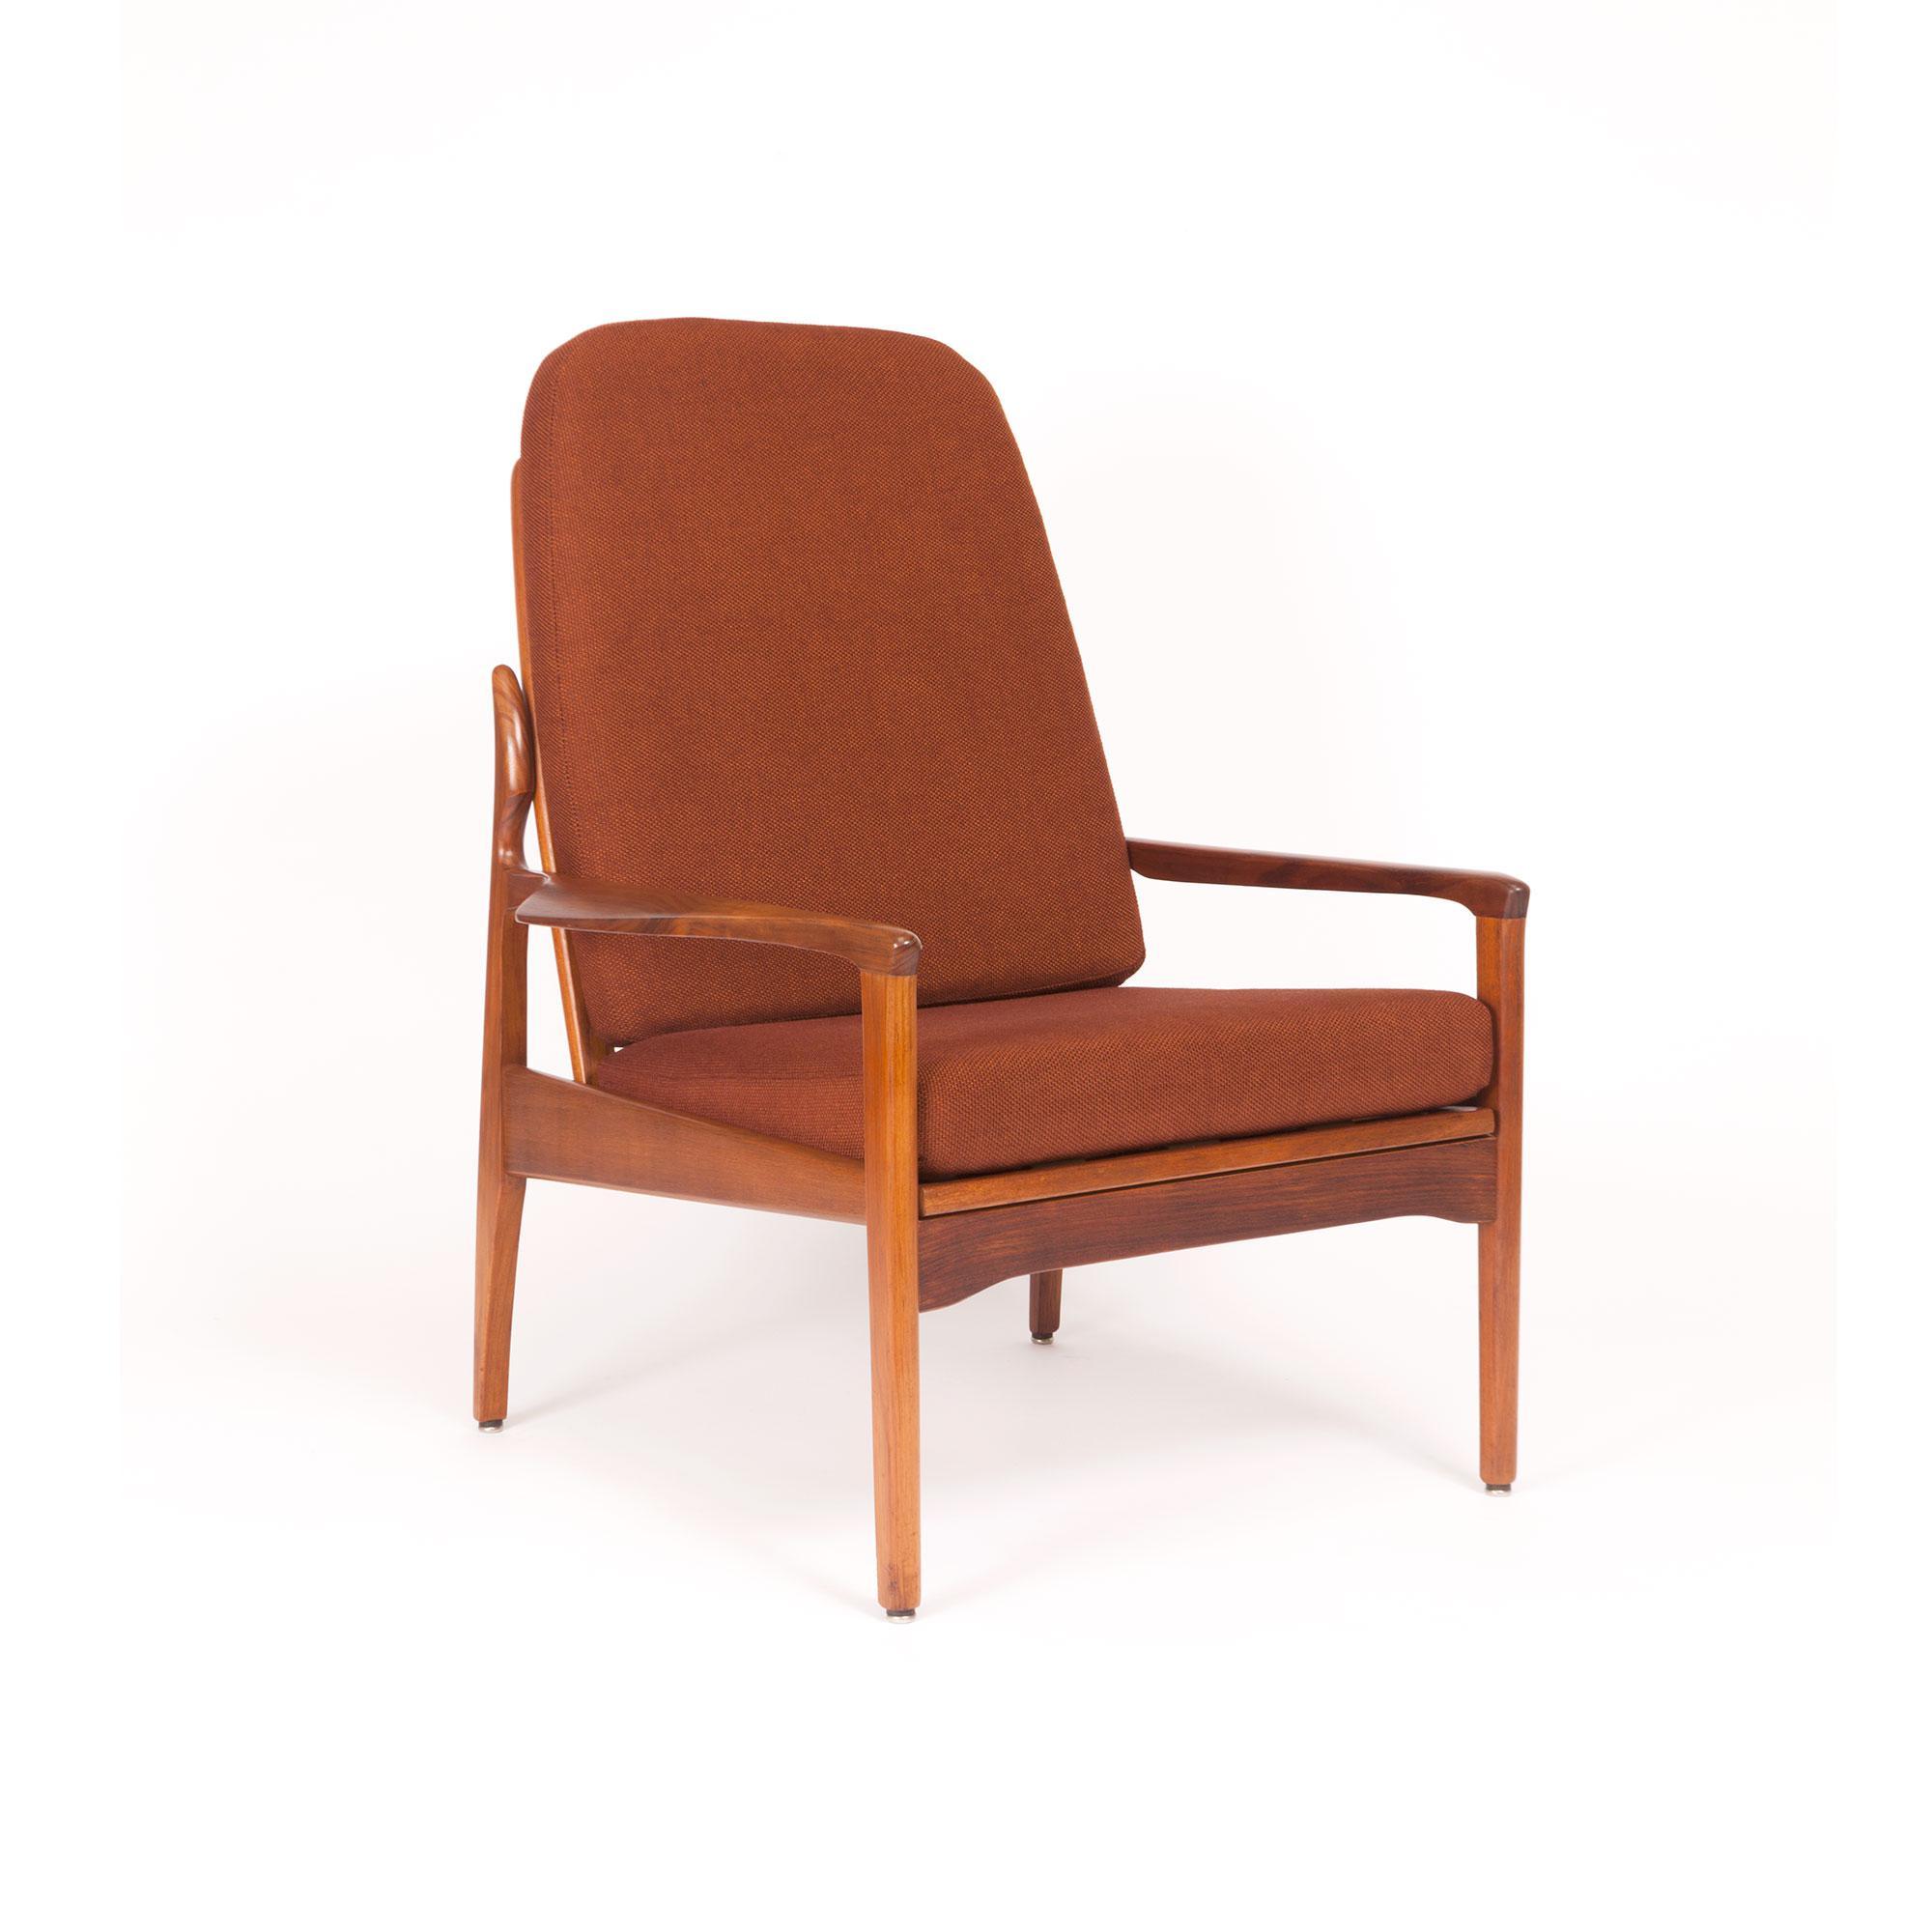 Vintage Teak Lounge Chair By Fler Narvik Highback Designed By Fred Lowen    Image 2 Of